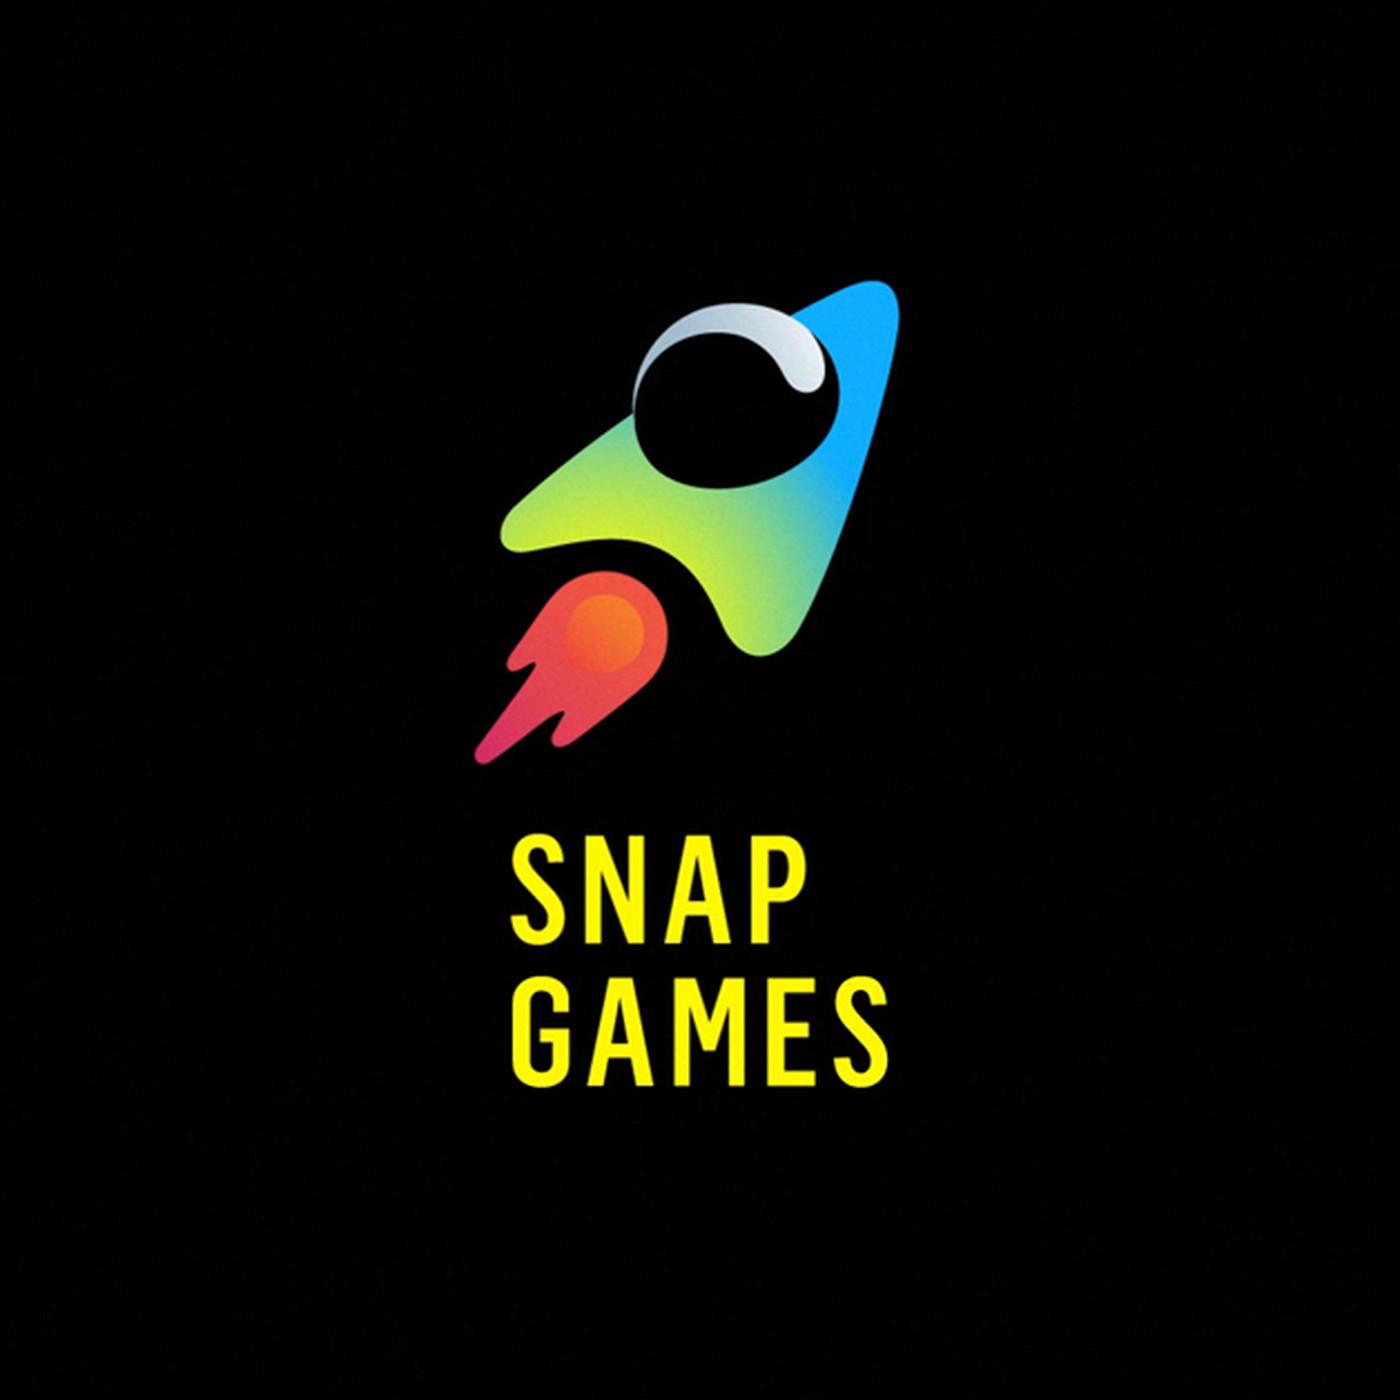 Snap_Games___Horizontal_Logo